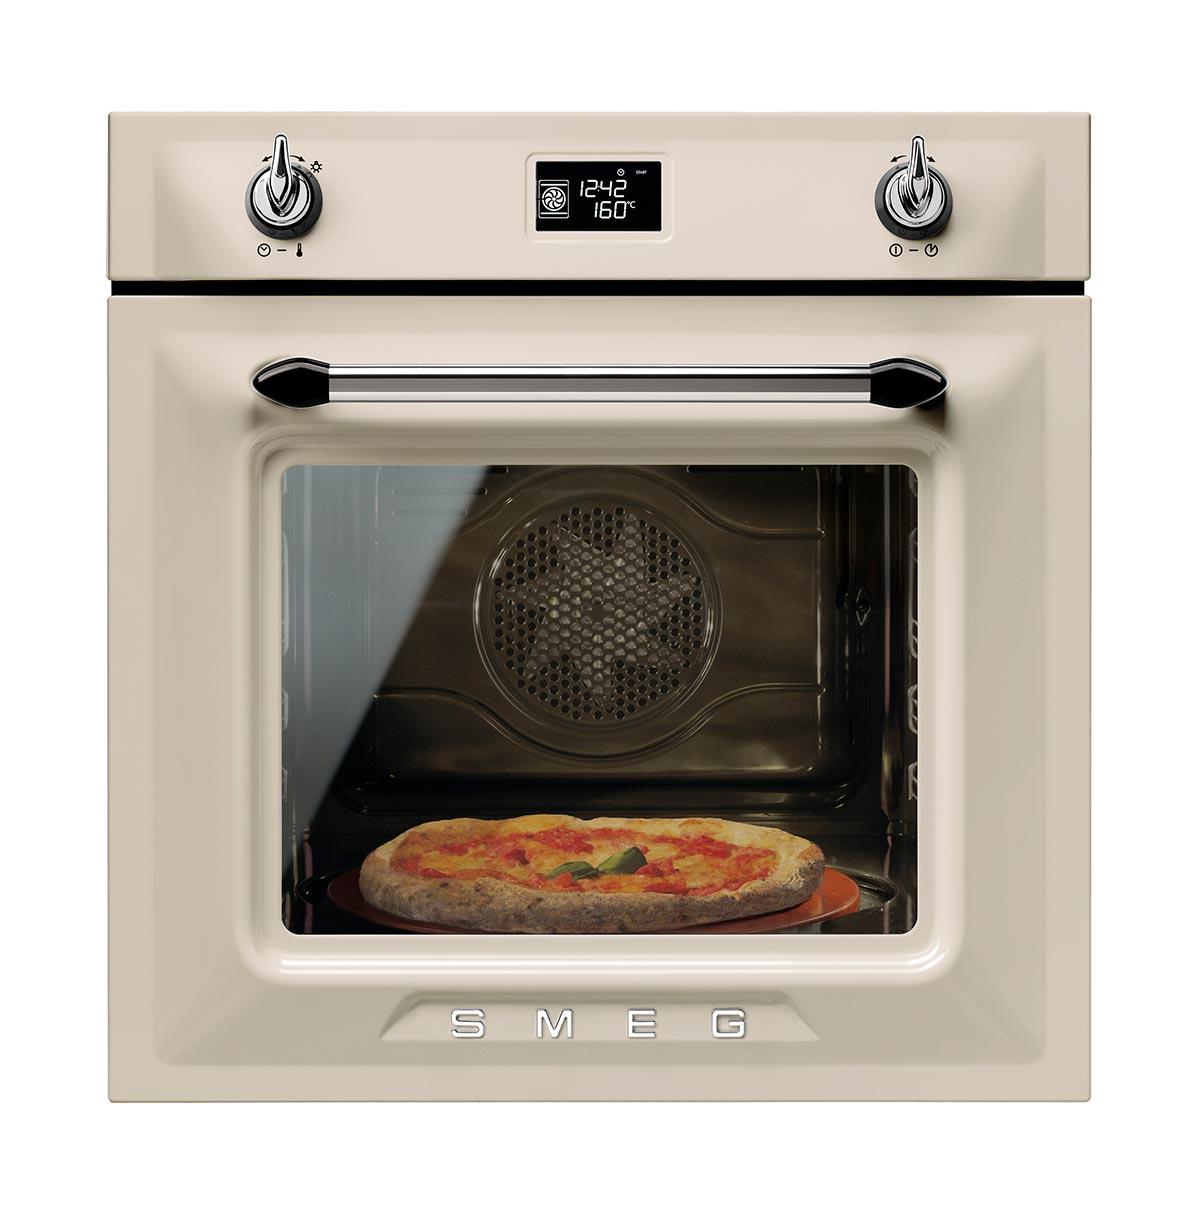 Smeg-pizza-oven